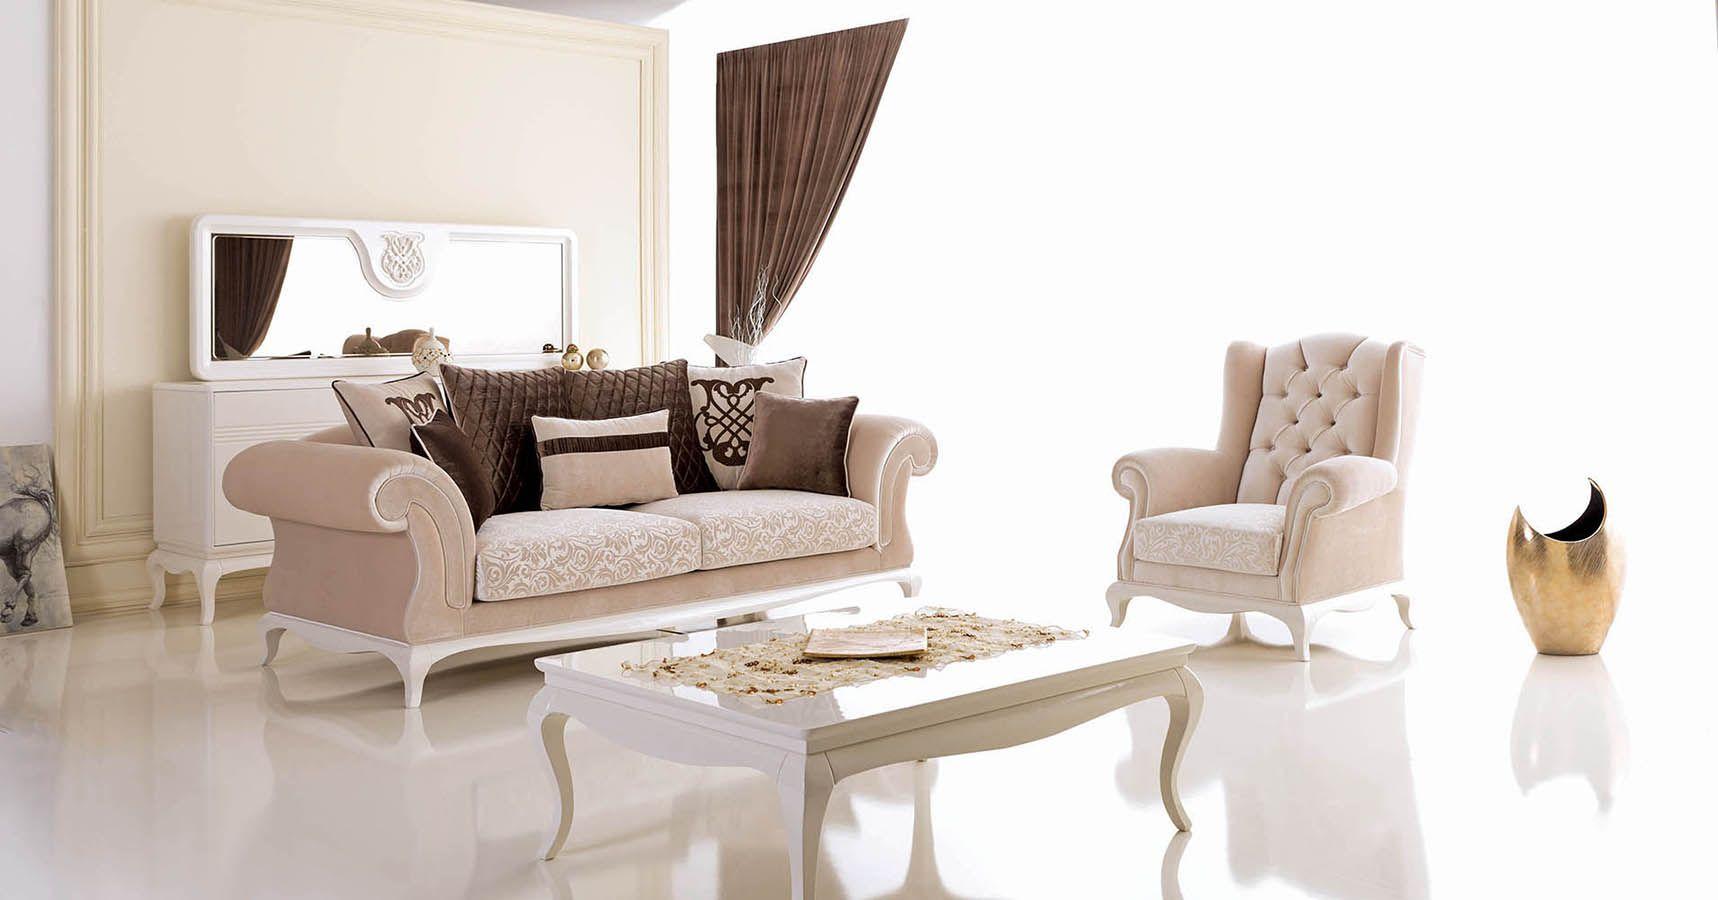 schones wohnzimmer mobel sitzgarnitur galerie images und cdcbffdfddc